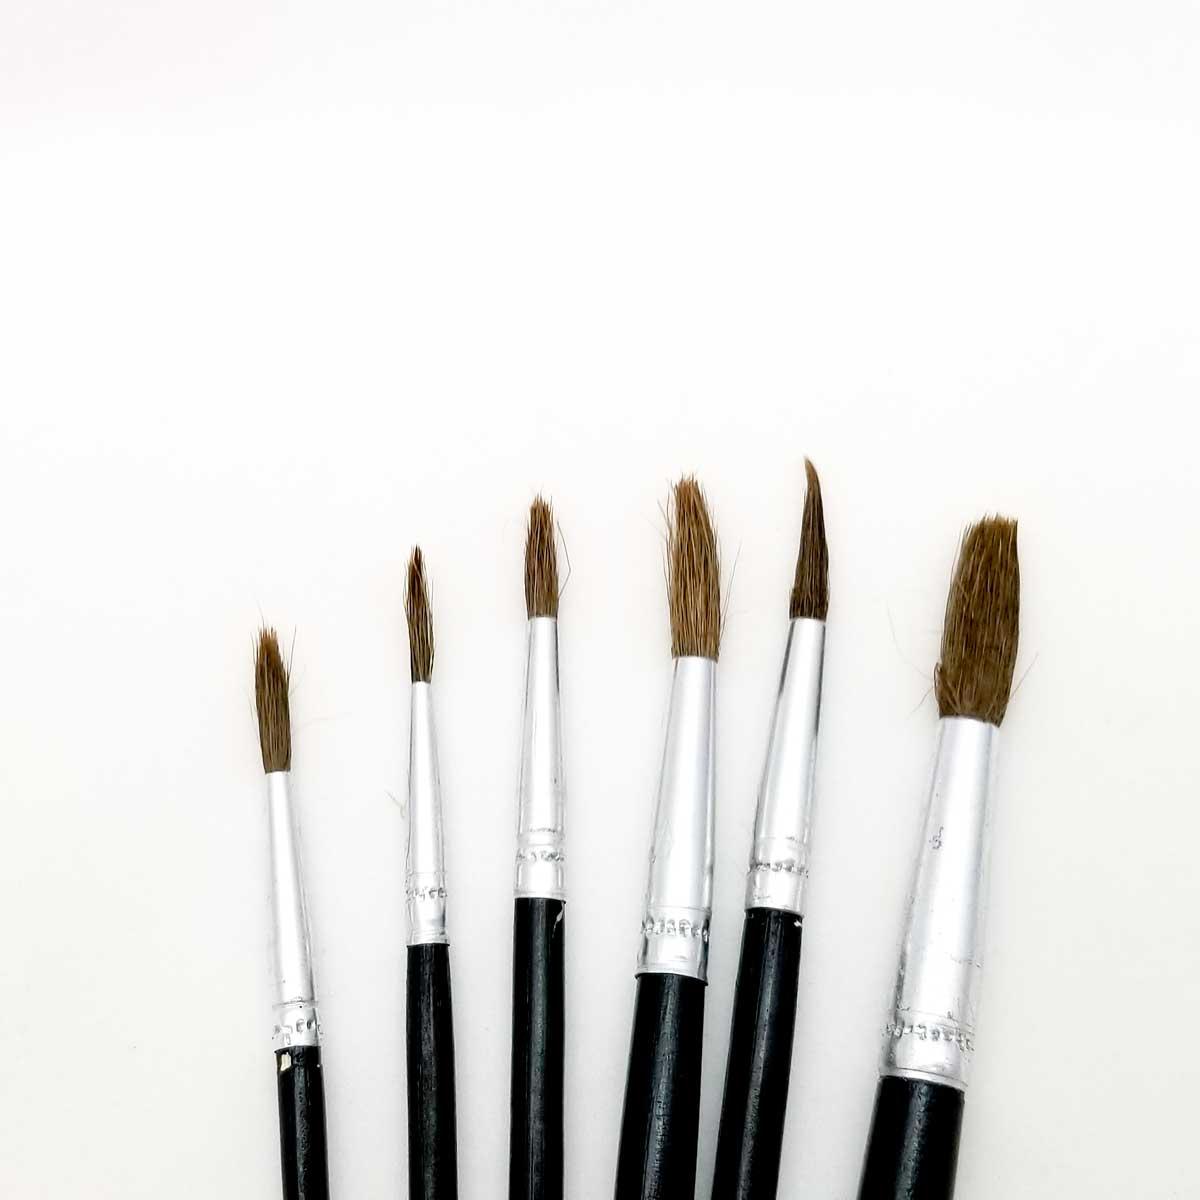 Round Paint Brushes – Set of 6